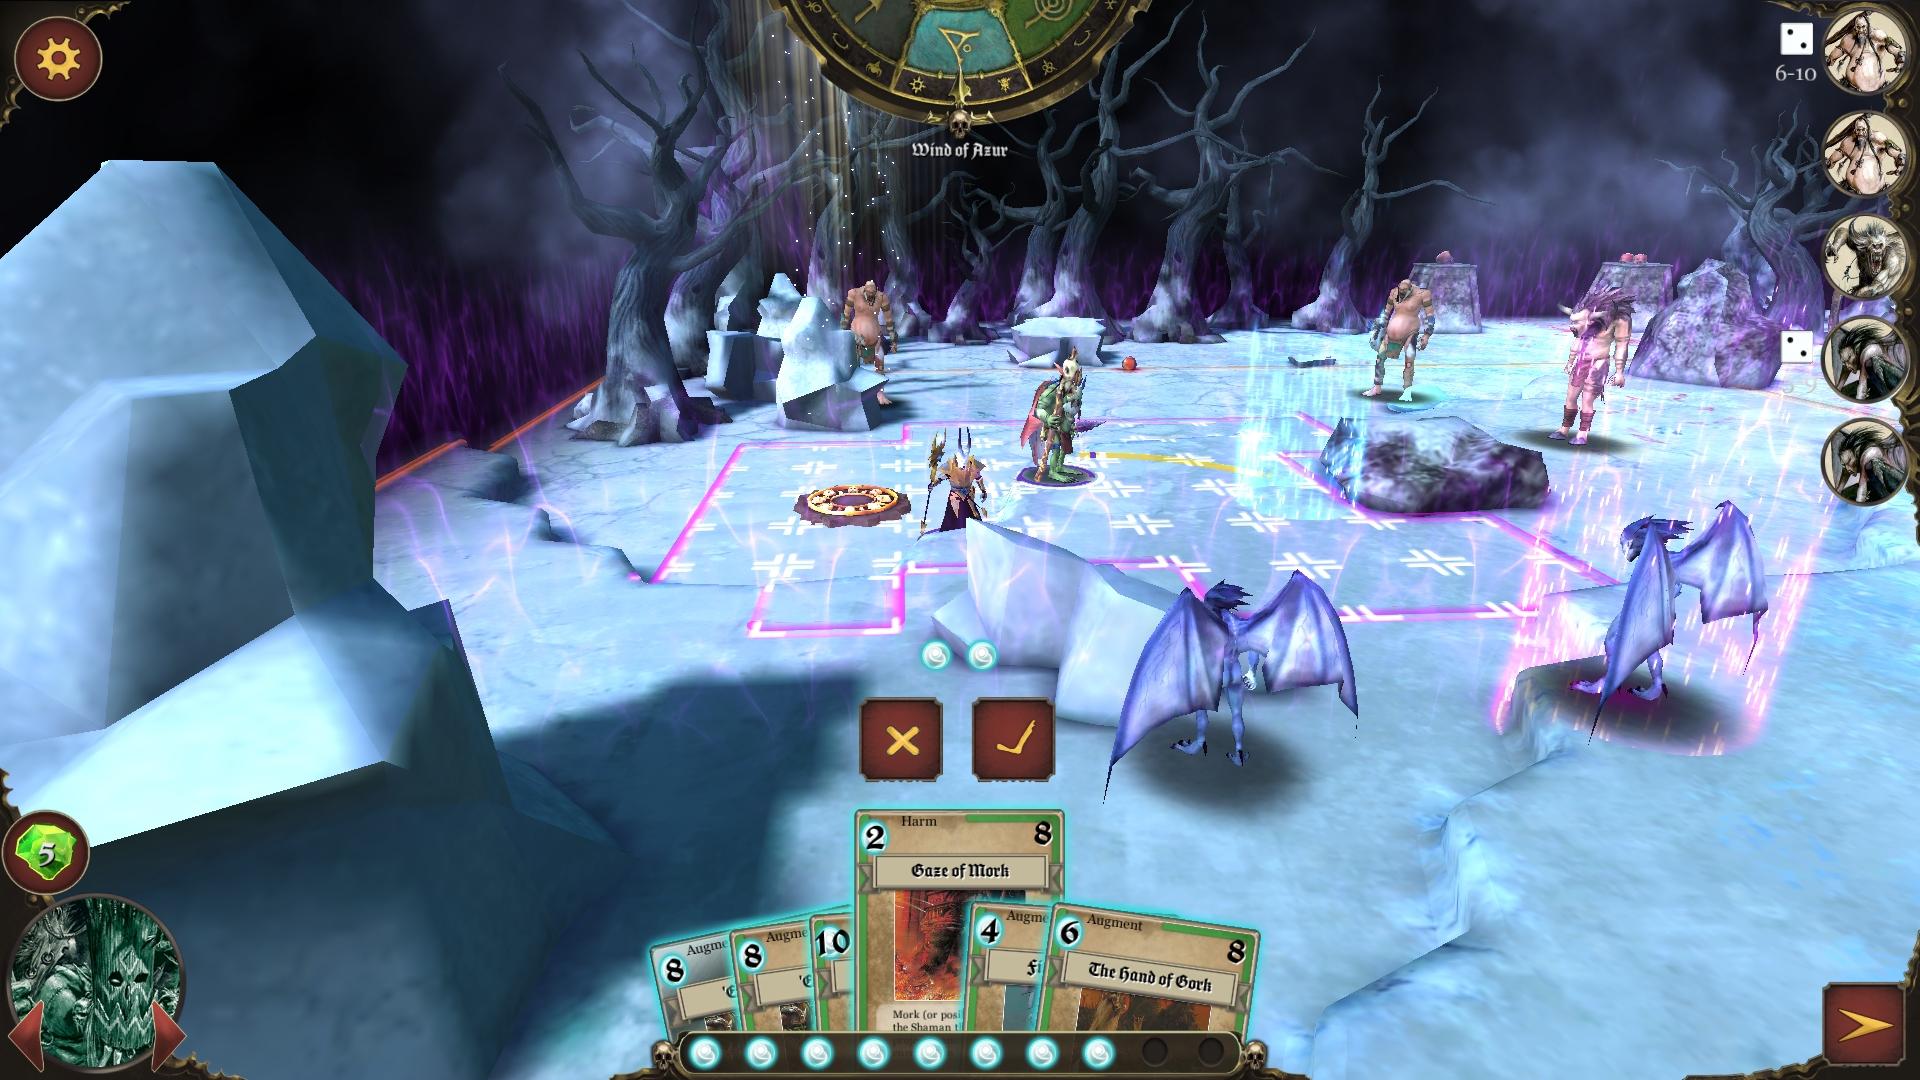 http://www.touchtapplay.com/wp-content/uploads/2015/03/Warhammer-Arcane-Magic.jpg